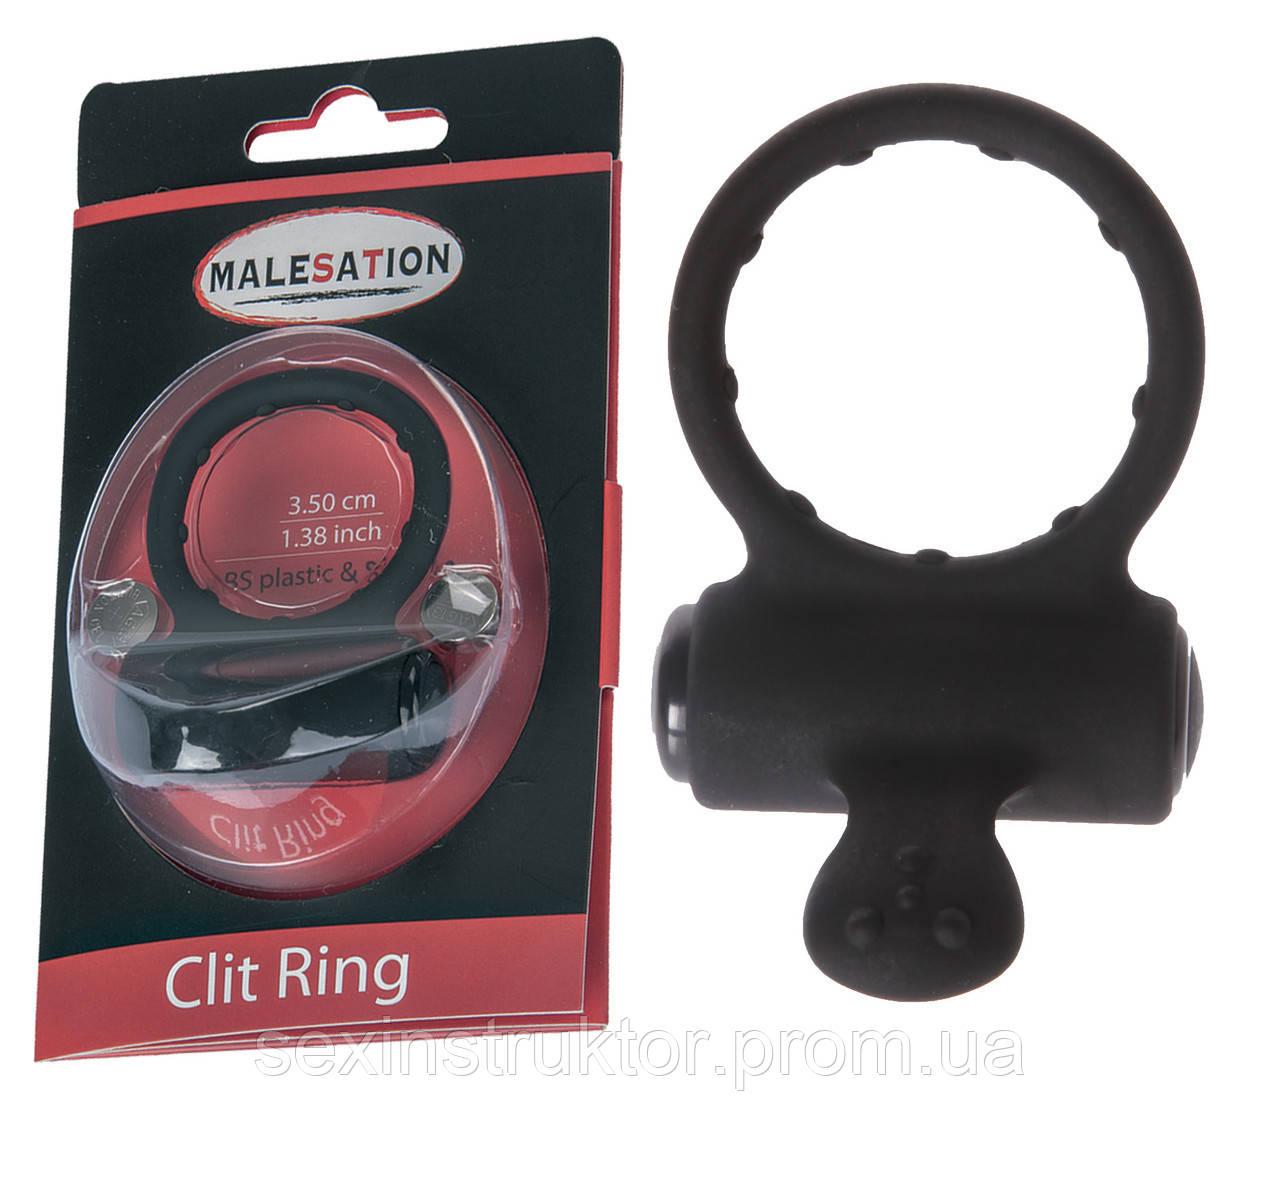 Эрекционное кольцо - MALESATION Clit Ring